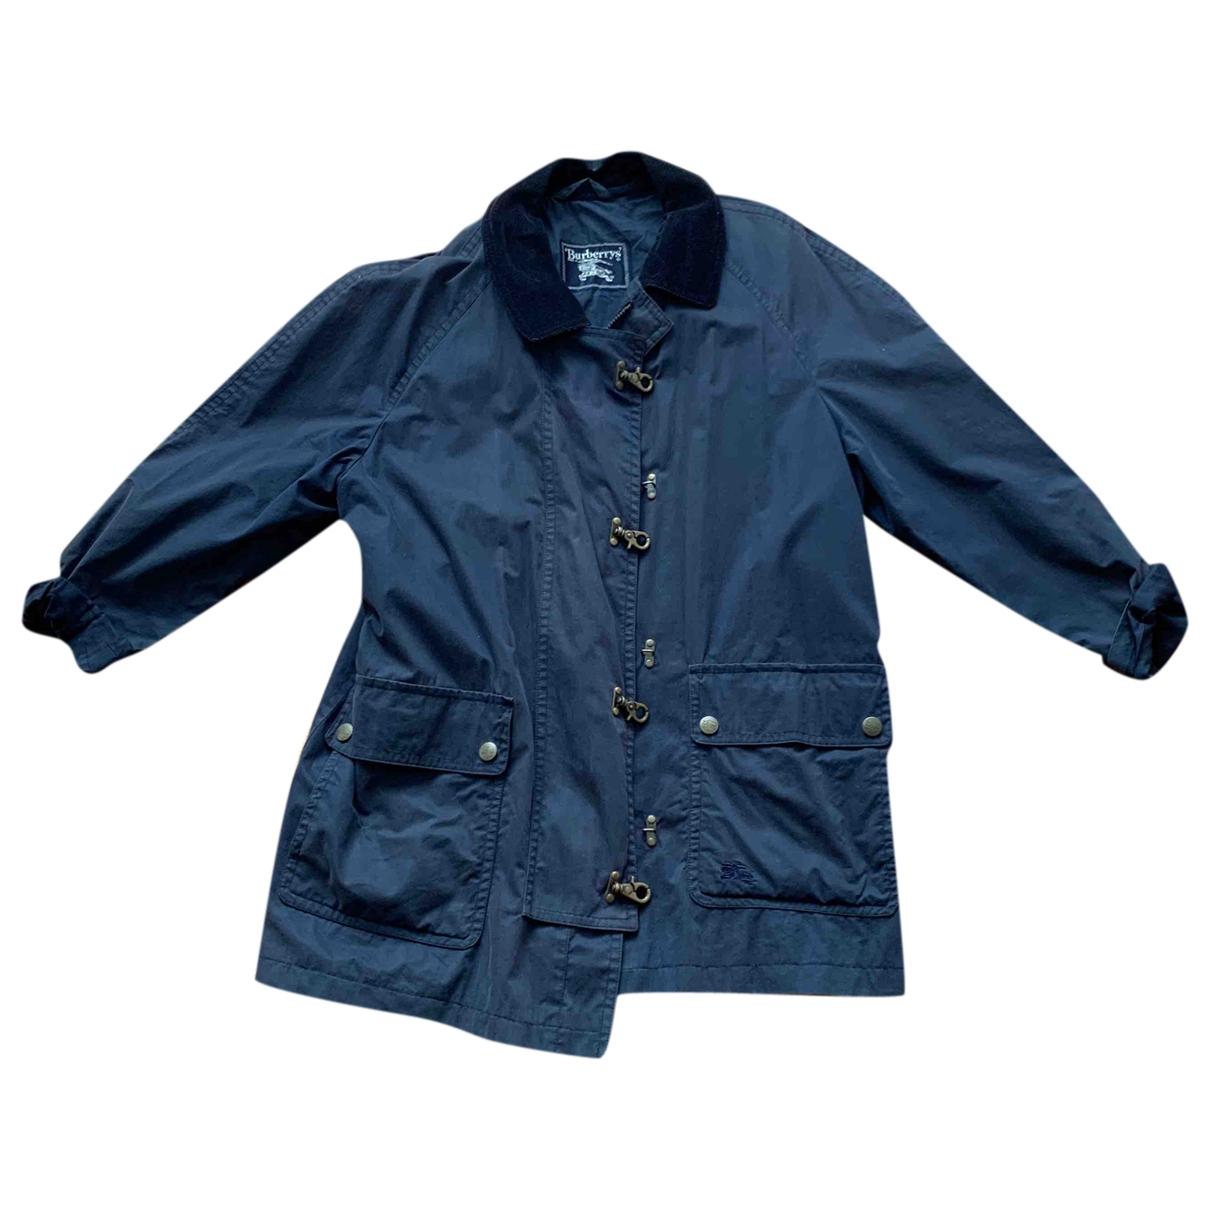 Burberry \N Jacke in  Blau Baumwolle